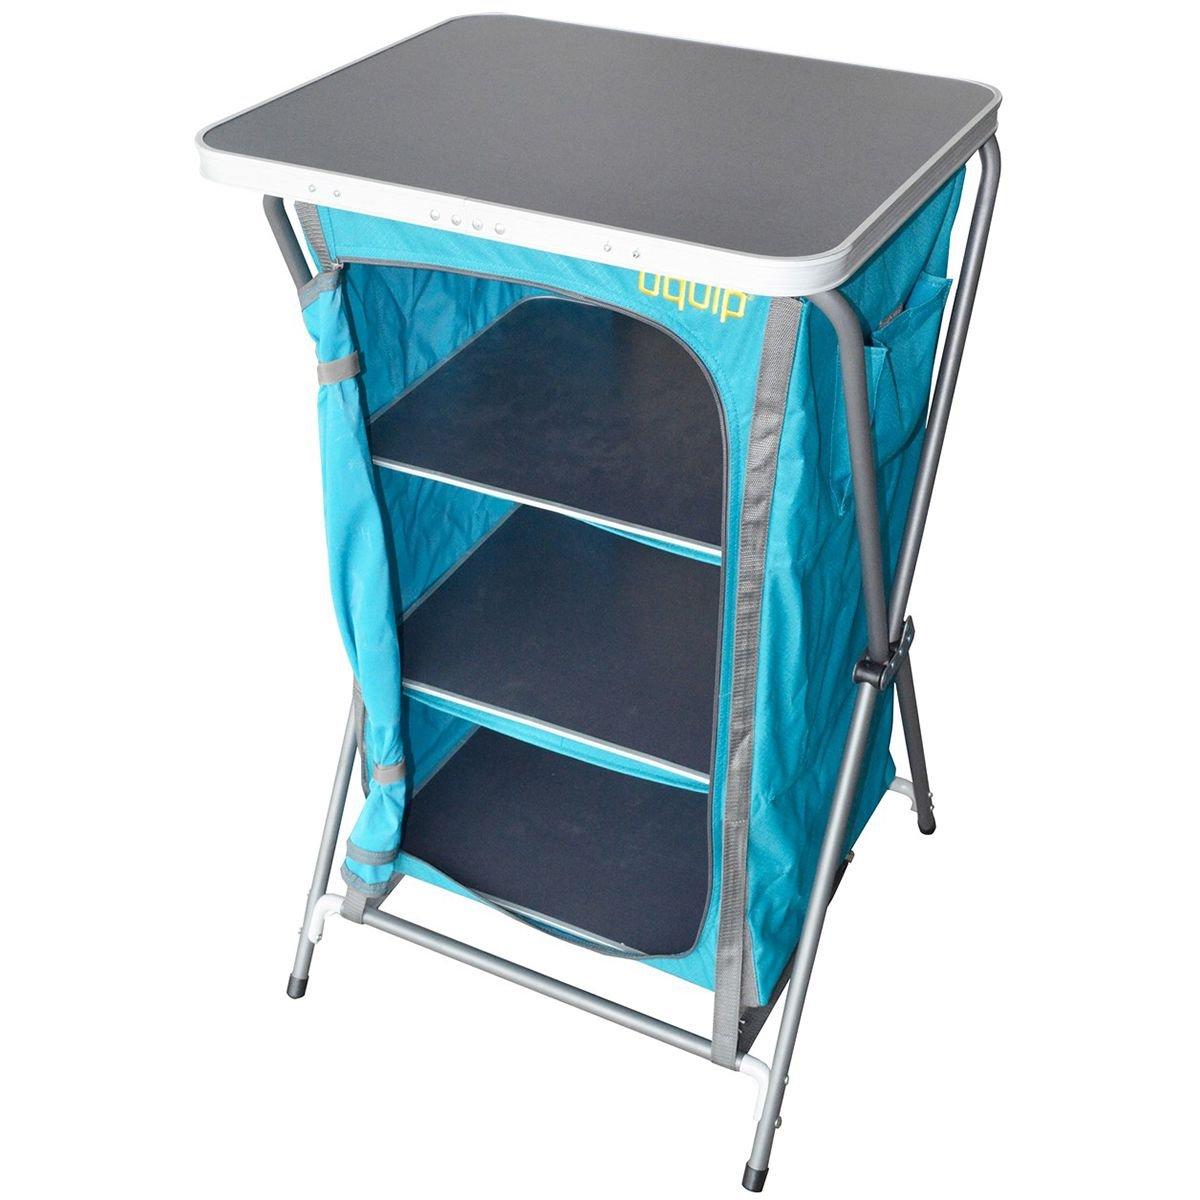 Uquip Charly - Armario de camping plegable - 3 compartimentos, cierre de cremallera, mosquitera skanfriends